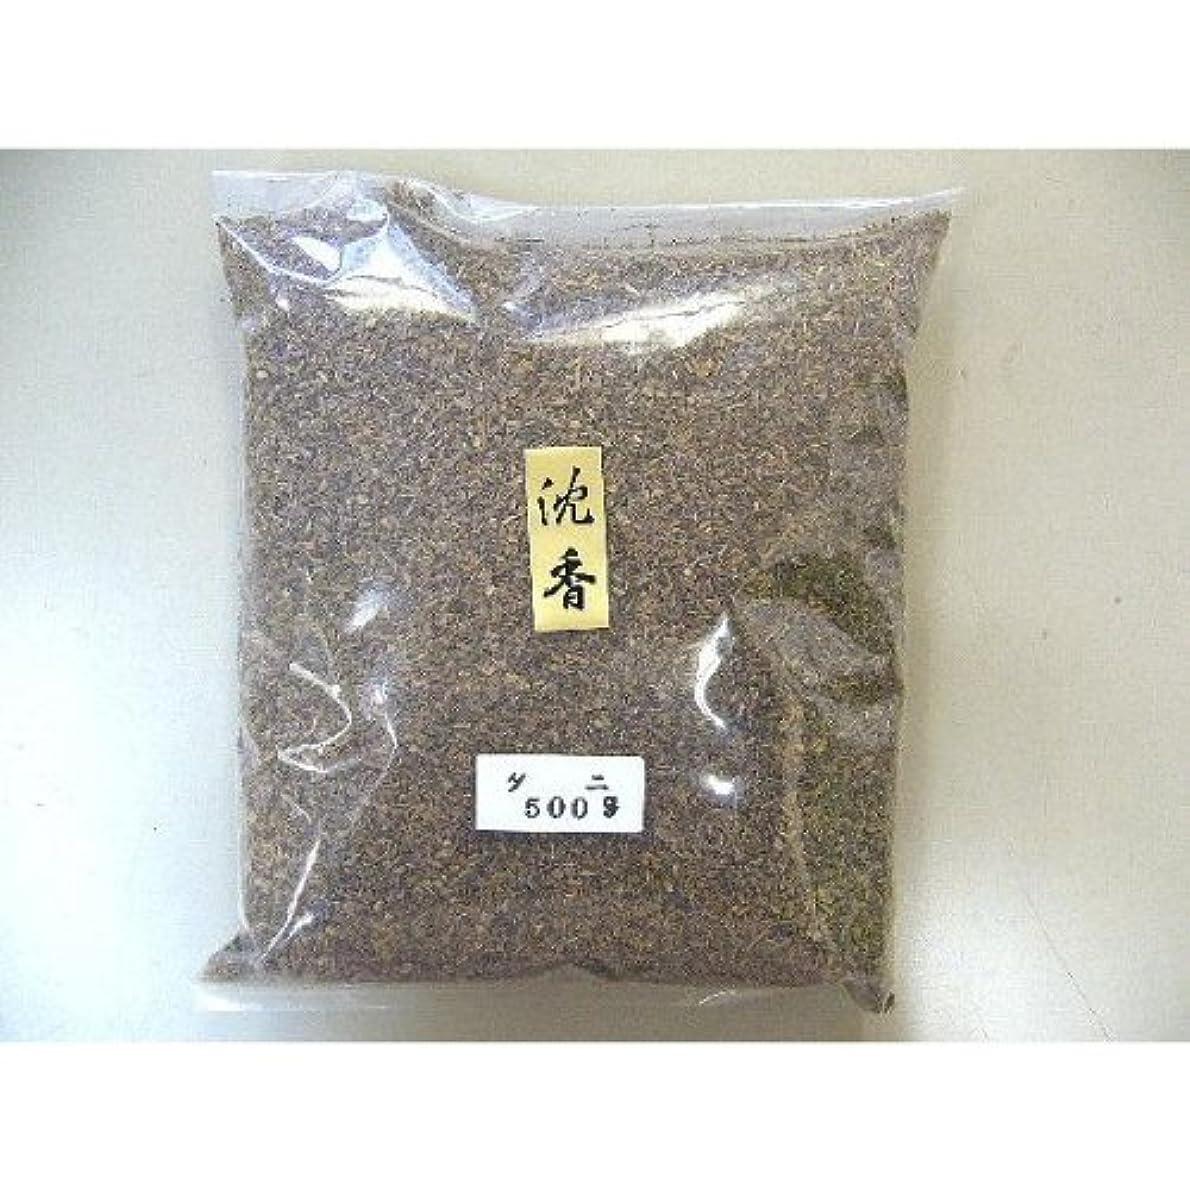 扇動節約すごいインドネシア産 タニ沈香(刻み)500gビニ-ル袋入